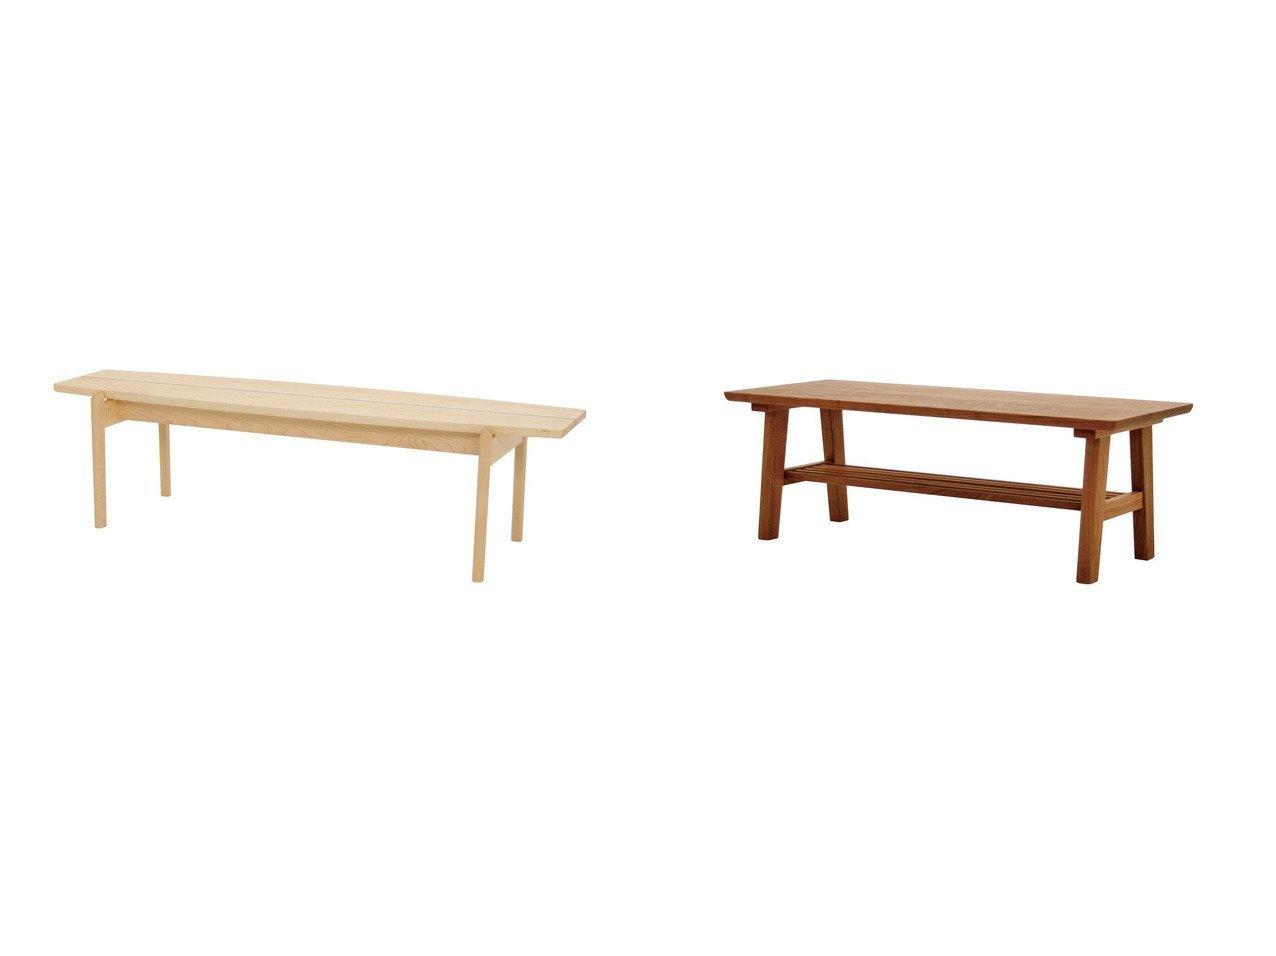 【NAGANO INTERIOR/ナガノインテリア】のFriendly!! フレンドリー マカロン テーブル LT310- 5S&リアル ツムギ テーブル LT007- 4S  【FURNITURE】Made in Japan 日本製 おすすめ!人気、インテリア・家具の通販  おすすめで人気の流行・トレンド、ファッションの通販商品 メンズファッション・キッズファッション・インテリア・家具・レディースファッション・服の通販 founy(ファニー) https://founy.com/ 送料無料 Free Shipping チェリー テーブル ウッド リアル ホーム・キャンプ・アウトドア Home,Garden,Outdoor,Camping Gear 家具・インテリア Furniture テーブル Table ローテーブル・センターテーブル |ID:crp329100000039427